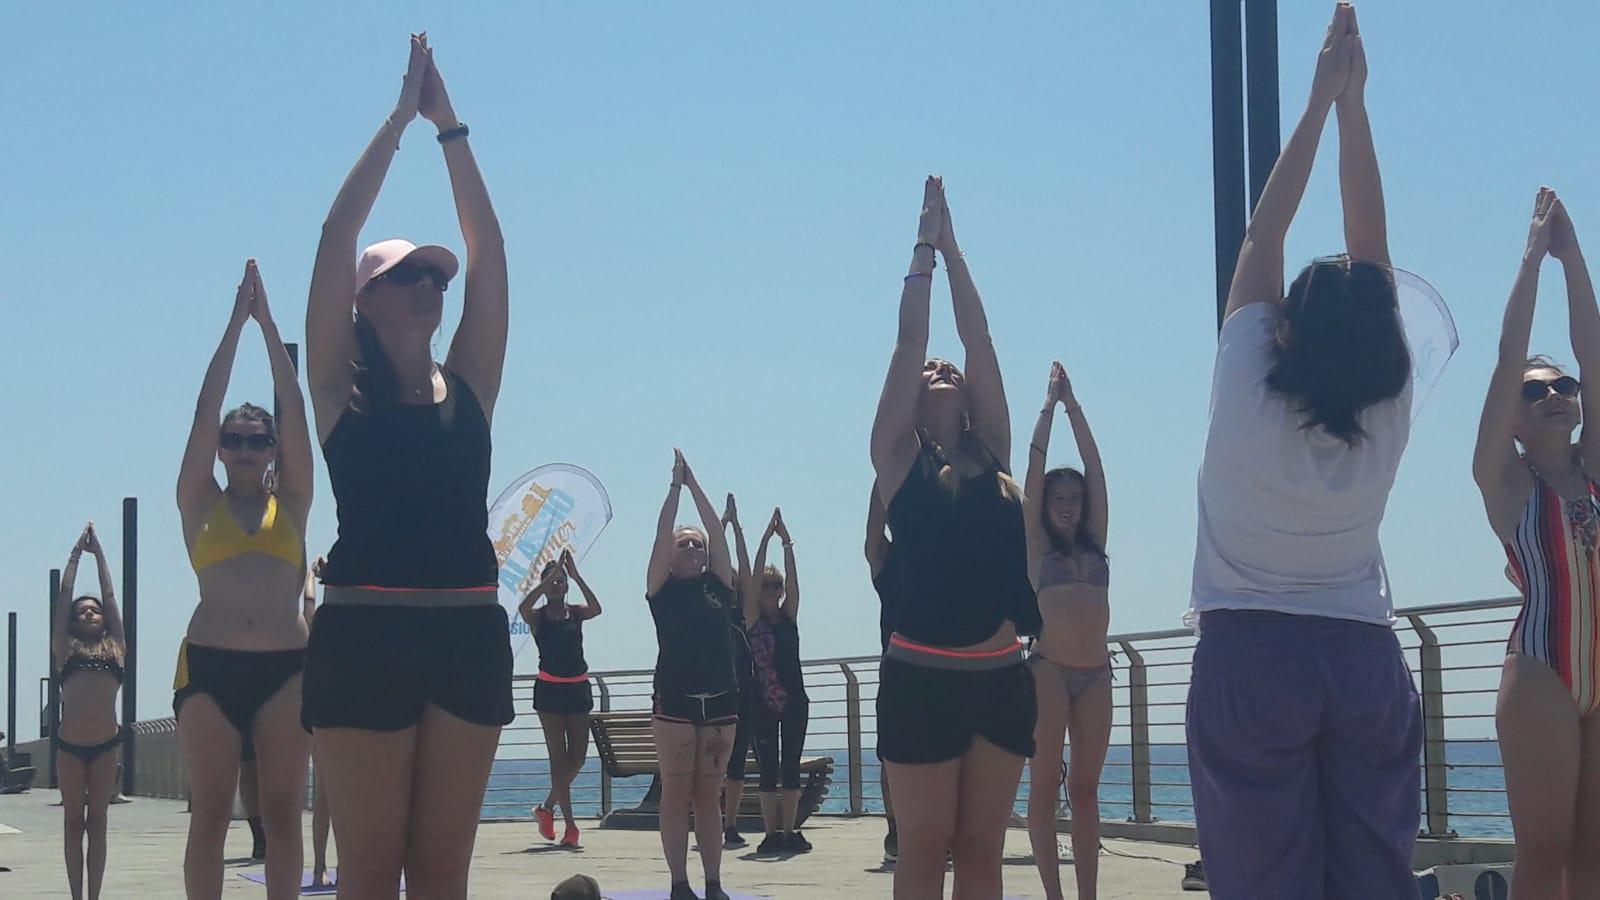 1_essere-free-yoga-gratuito-benessere-per-tutti-village-citta-alassio-estate-lucia-ragazzi-summer-town-wellness-070